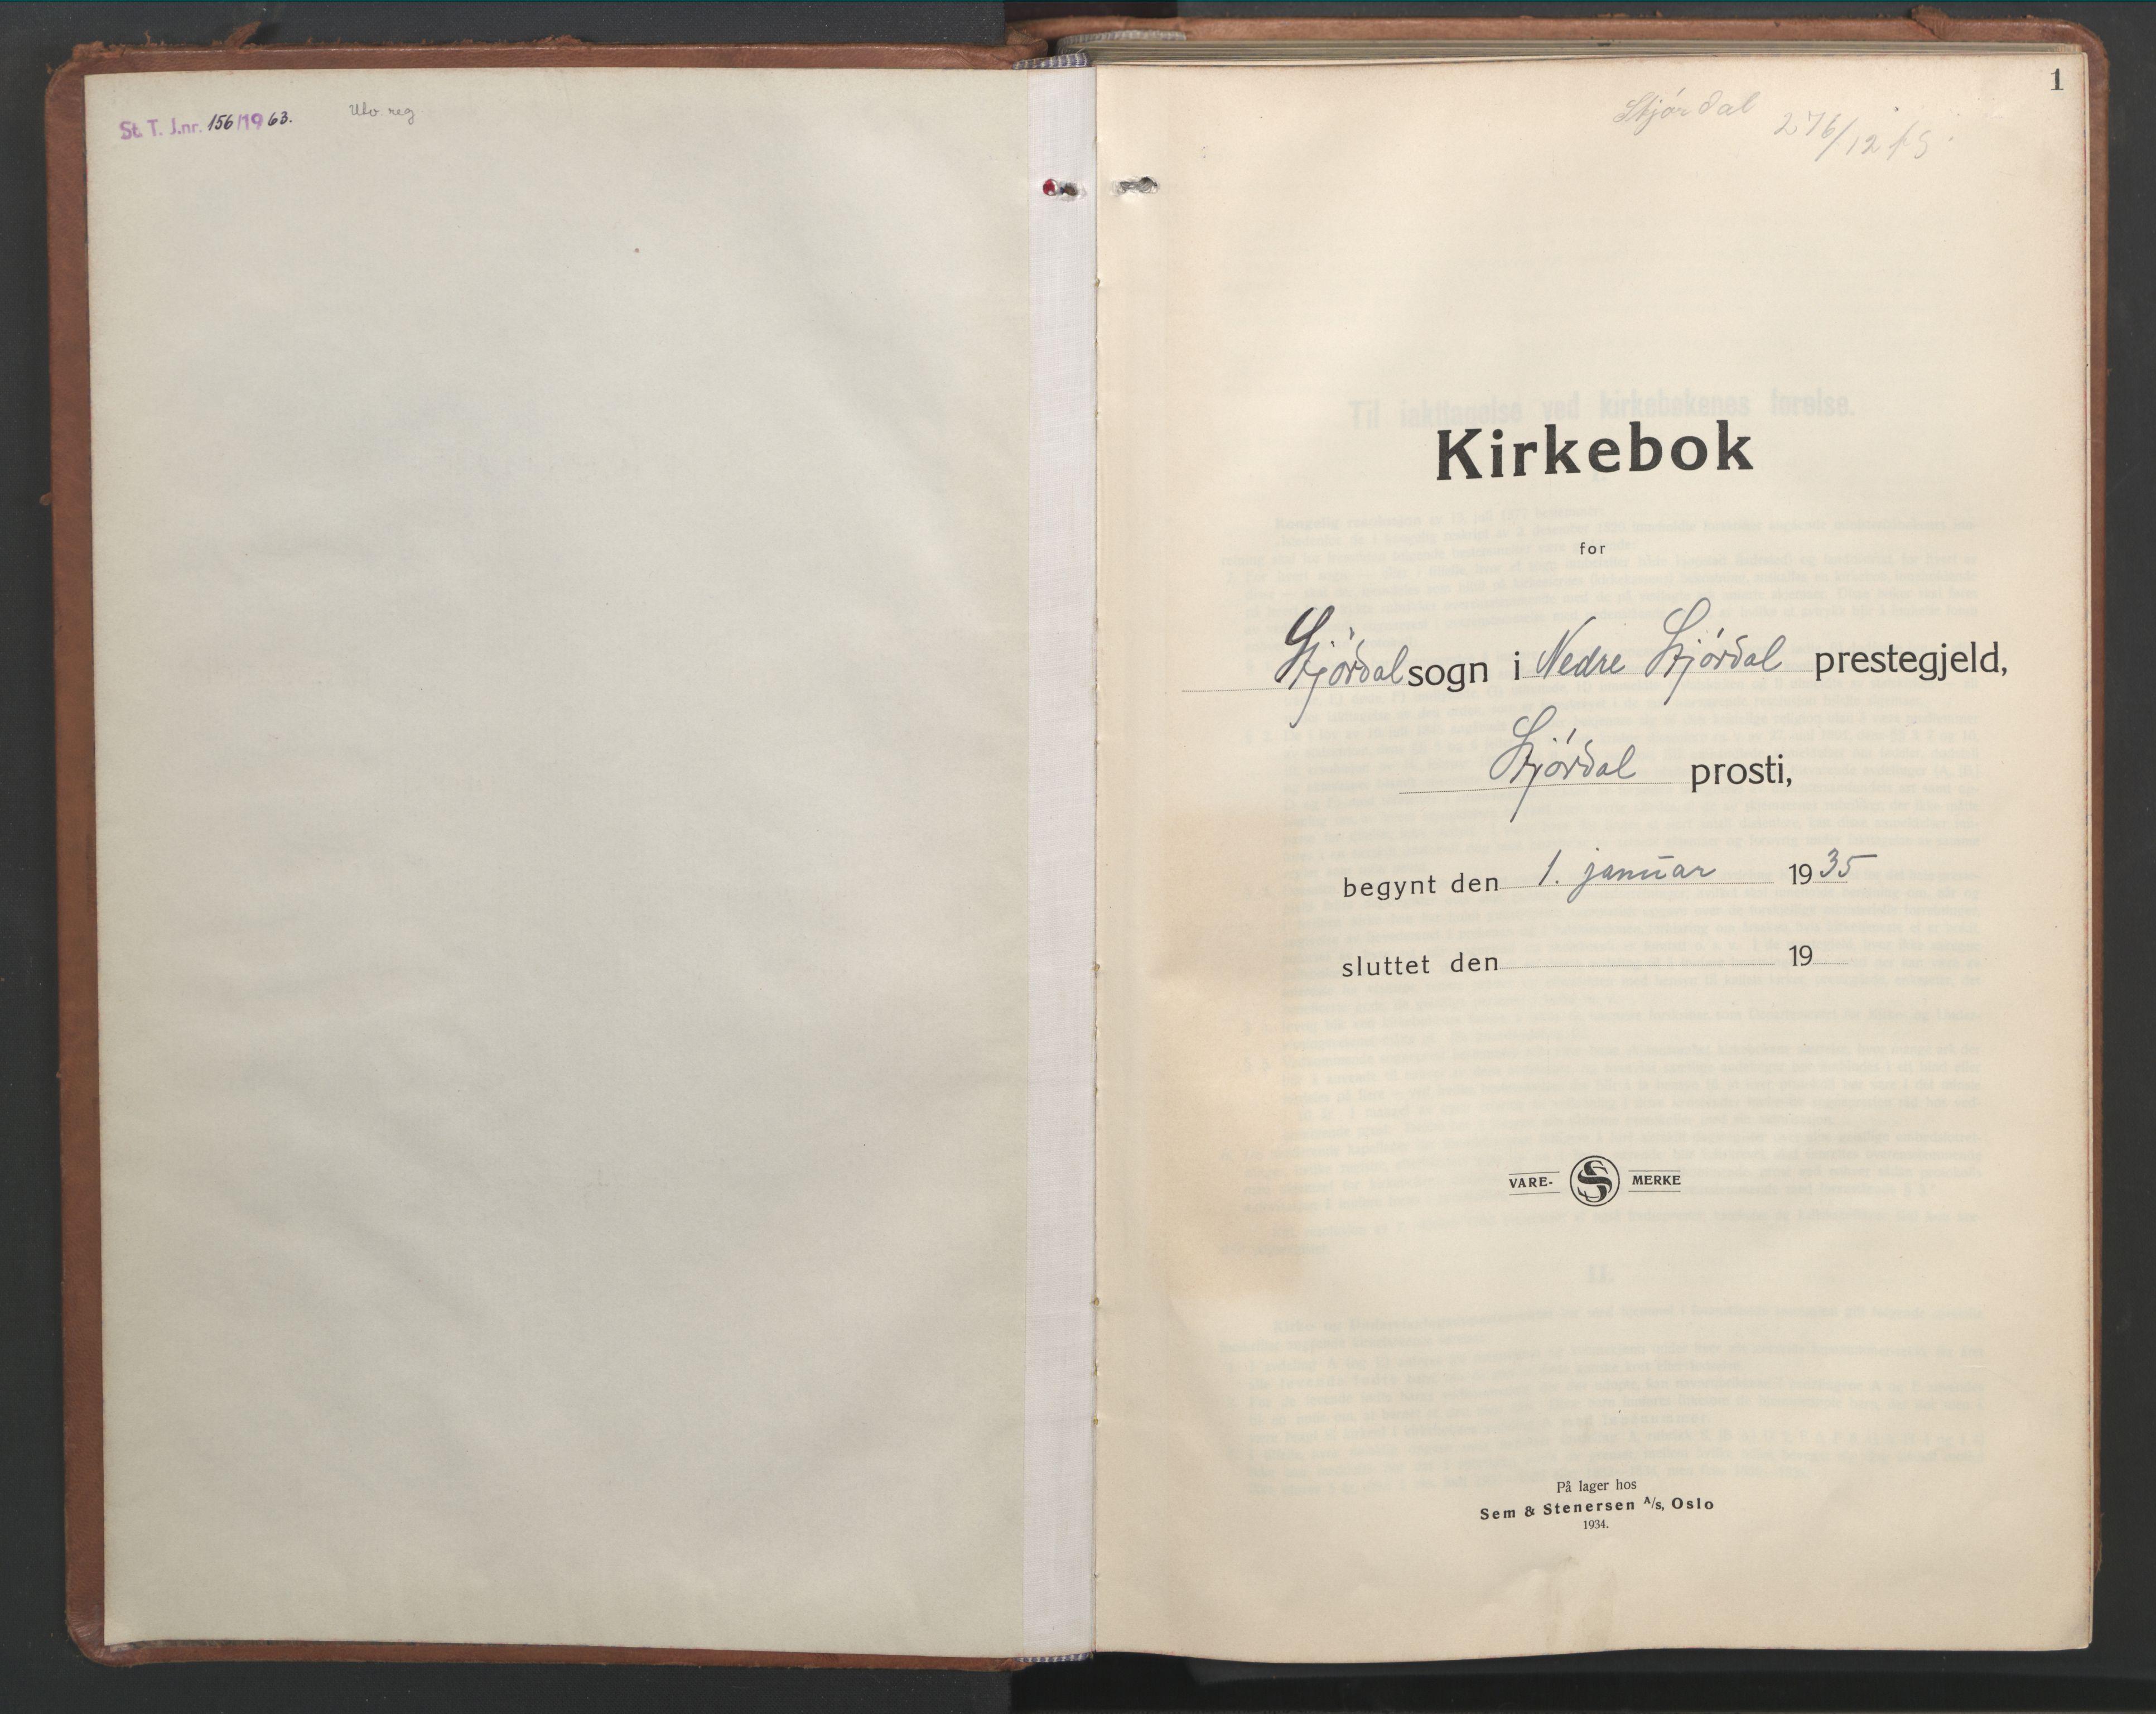 SAT, Ministerialprotokoller, klokkerbøker og fødselsregistre - Nord-Trøndelag, 709/L0089: Klokkerbok nr. 709C03, 1935-1948, s. 1